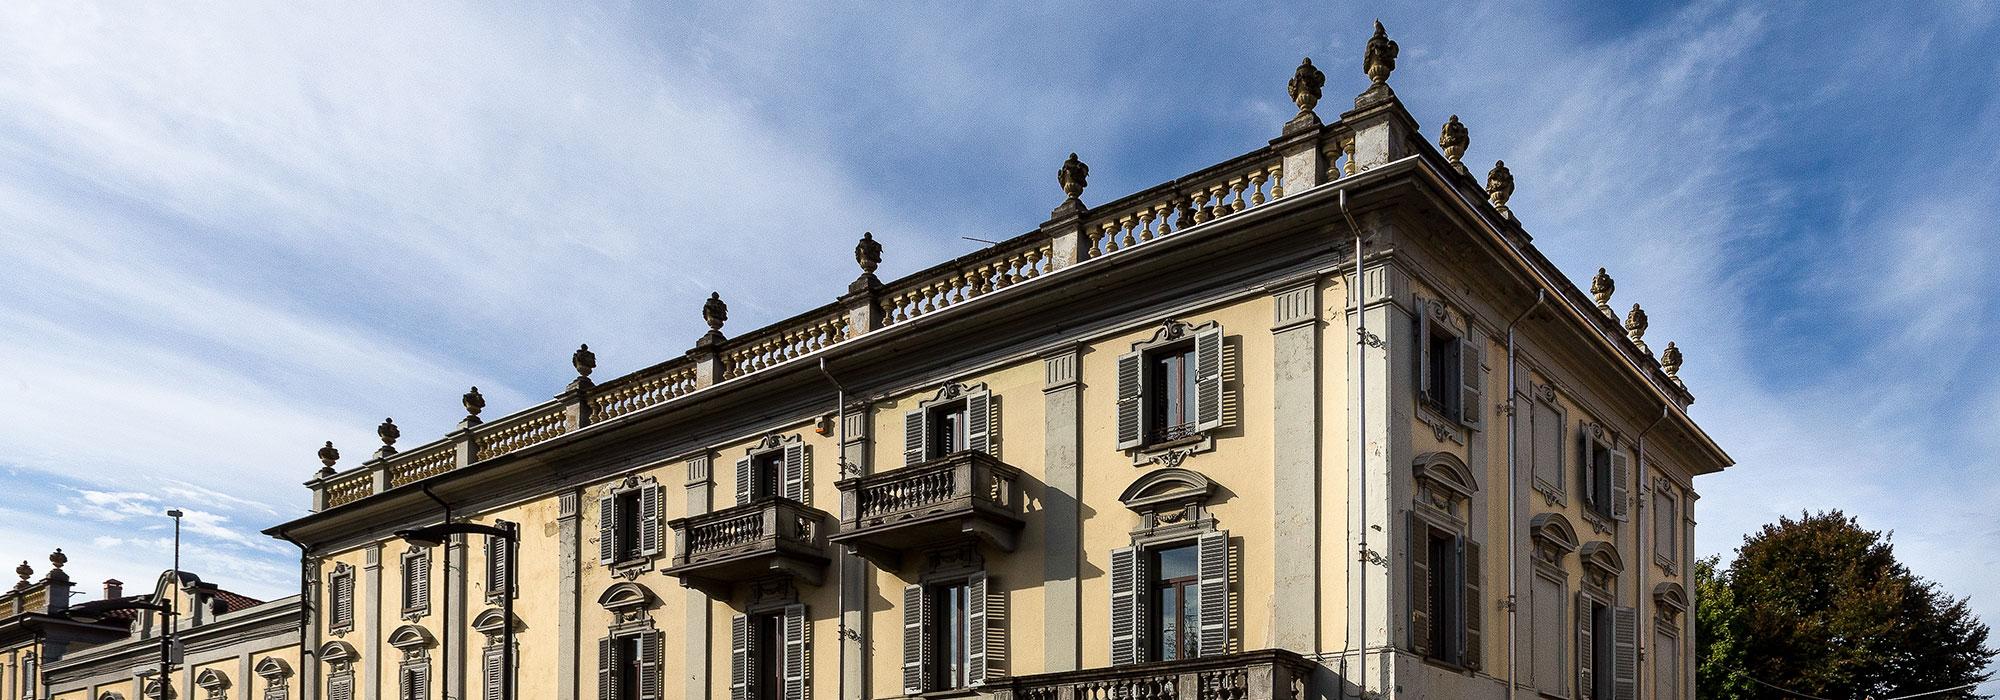 Palazzo storico nel centro di Rivarolo